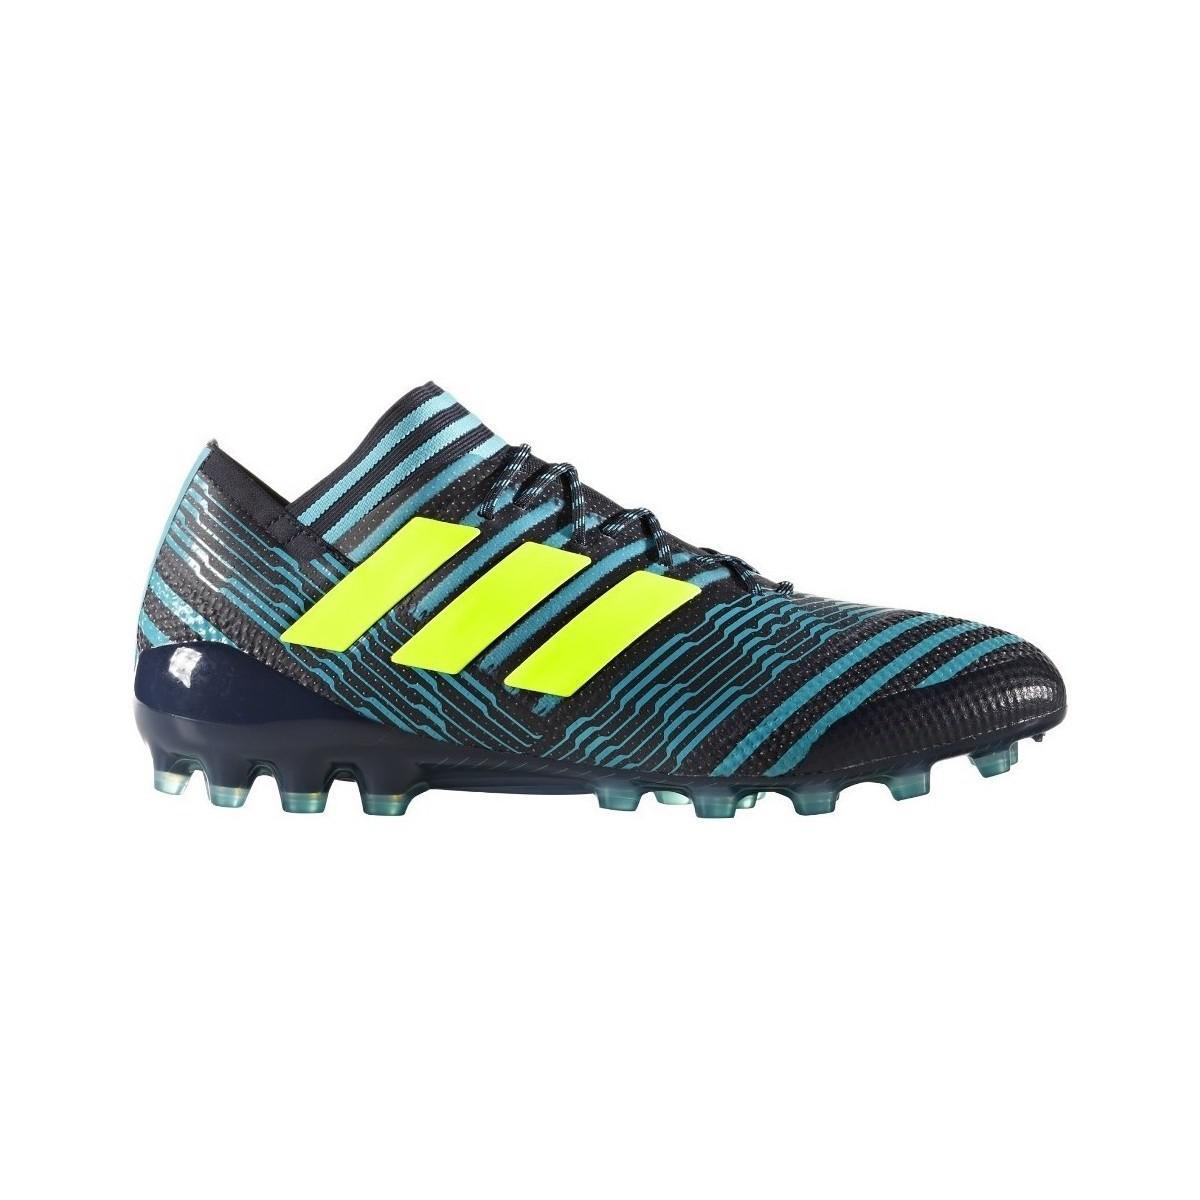 6349020626d Adidas Nemeziz 171 Ag Men s Football Boots In Black in Black for Men ...